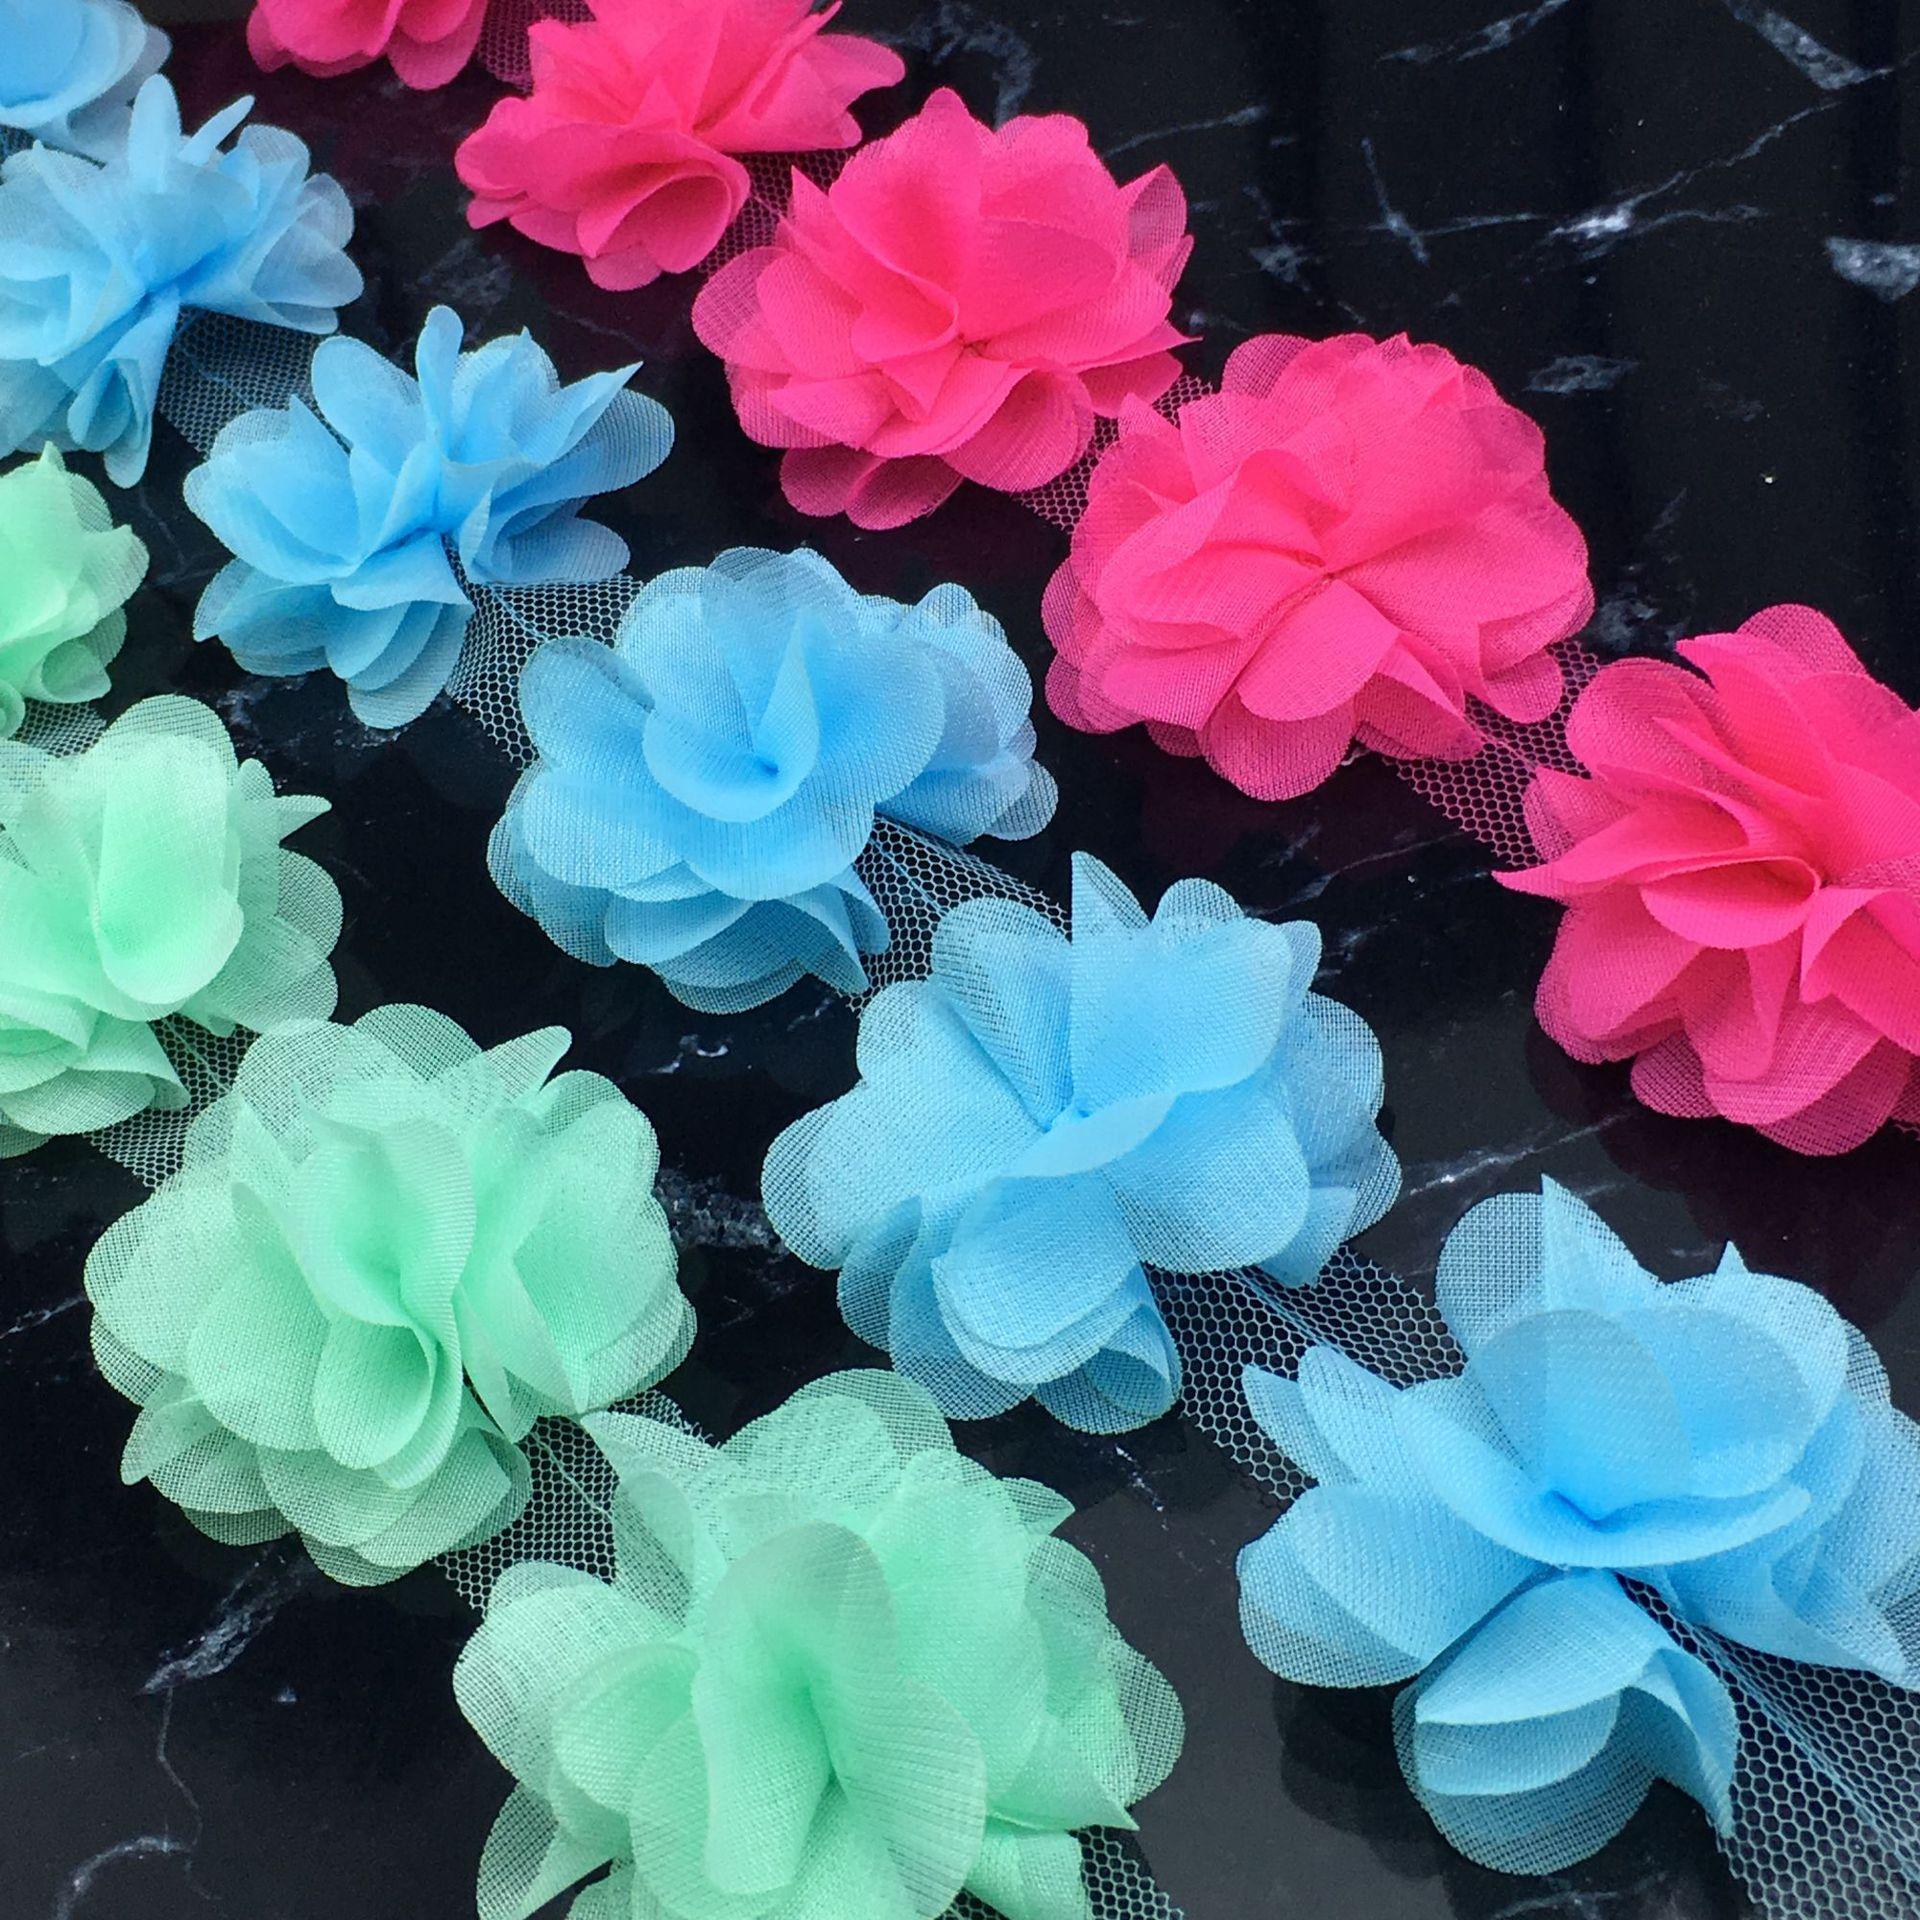 Decoración de ropa de encaje grupos de flores de gasa 3D flores 60 uds para recorte de encaje DIY bordado para coser tela de encaje africano